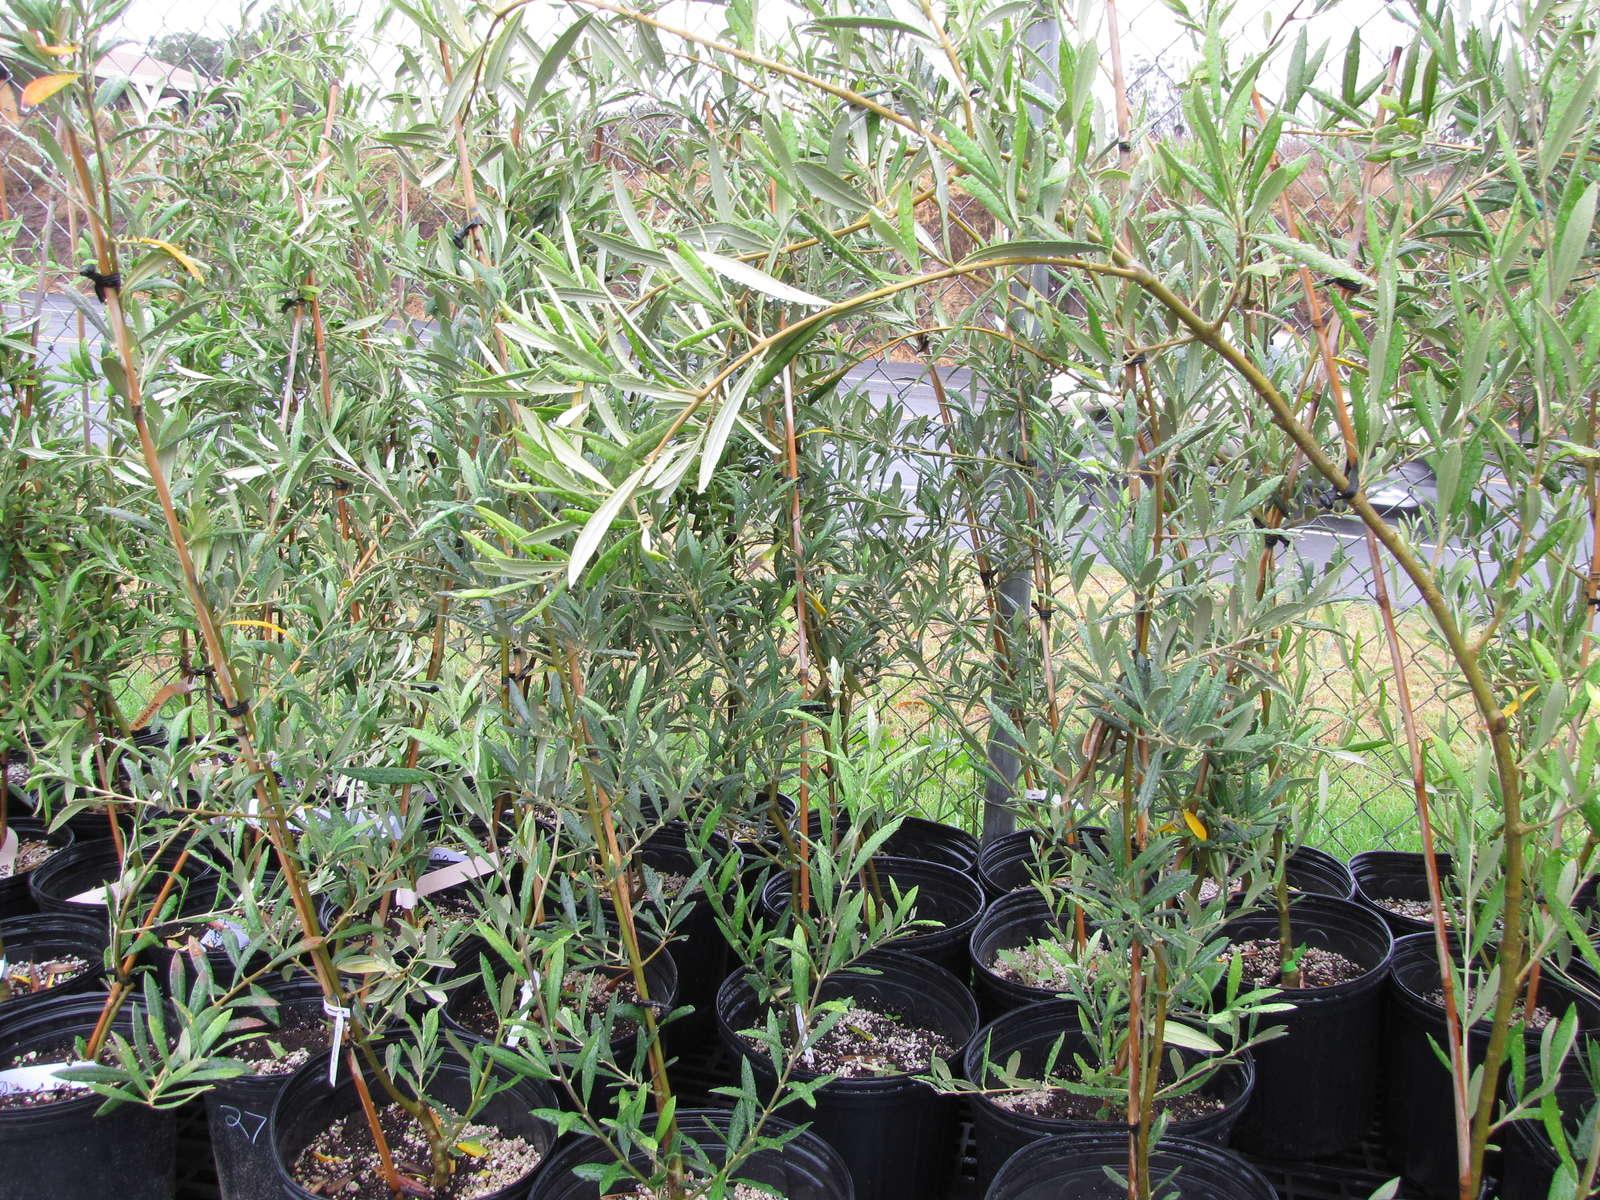 Olivenbaum Stecklinge Kaufen : olivenbaum alles zum pflanzen pflegen berwintern ~ Michelbontemps.com Haus und Dekorationen